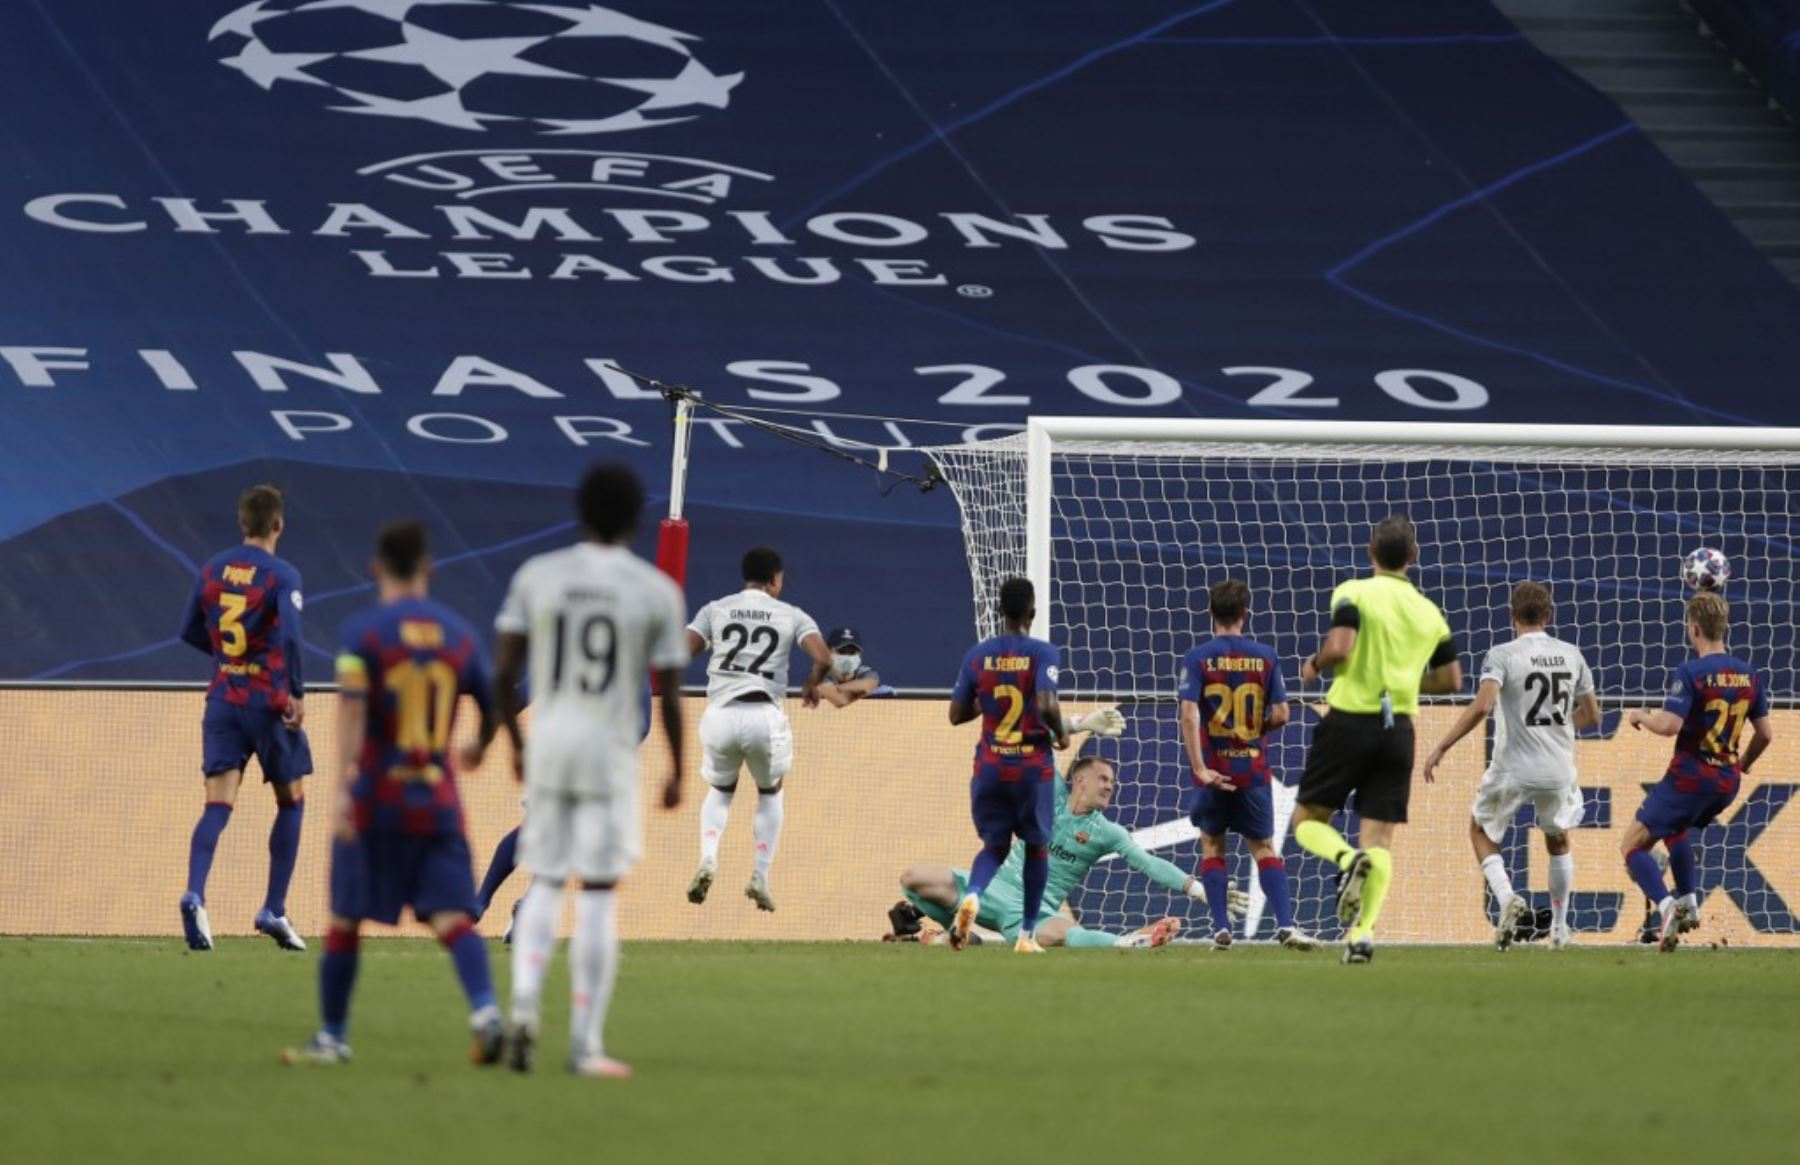 El centrocampista alemán del Bayern Munich Serge Gnabry anota el tercer gol de su equipo durante el partido de fútbol de cuartos de final de la Liga de Campeones de la UEFA entre el Barcelona y el Bayern Munich en el estadio Luz de Lisboa Foto:AFP